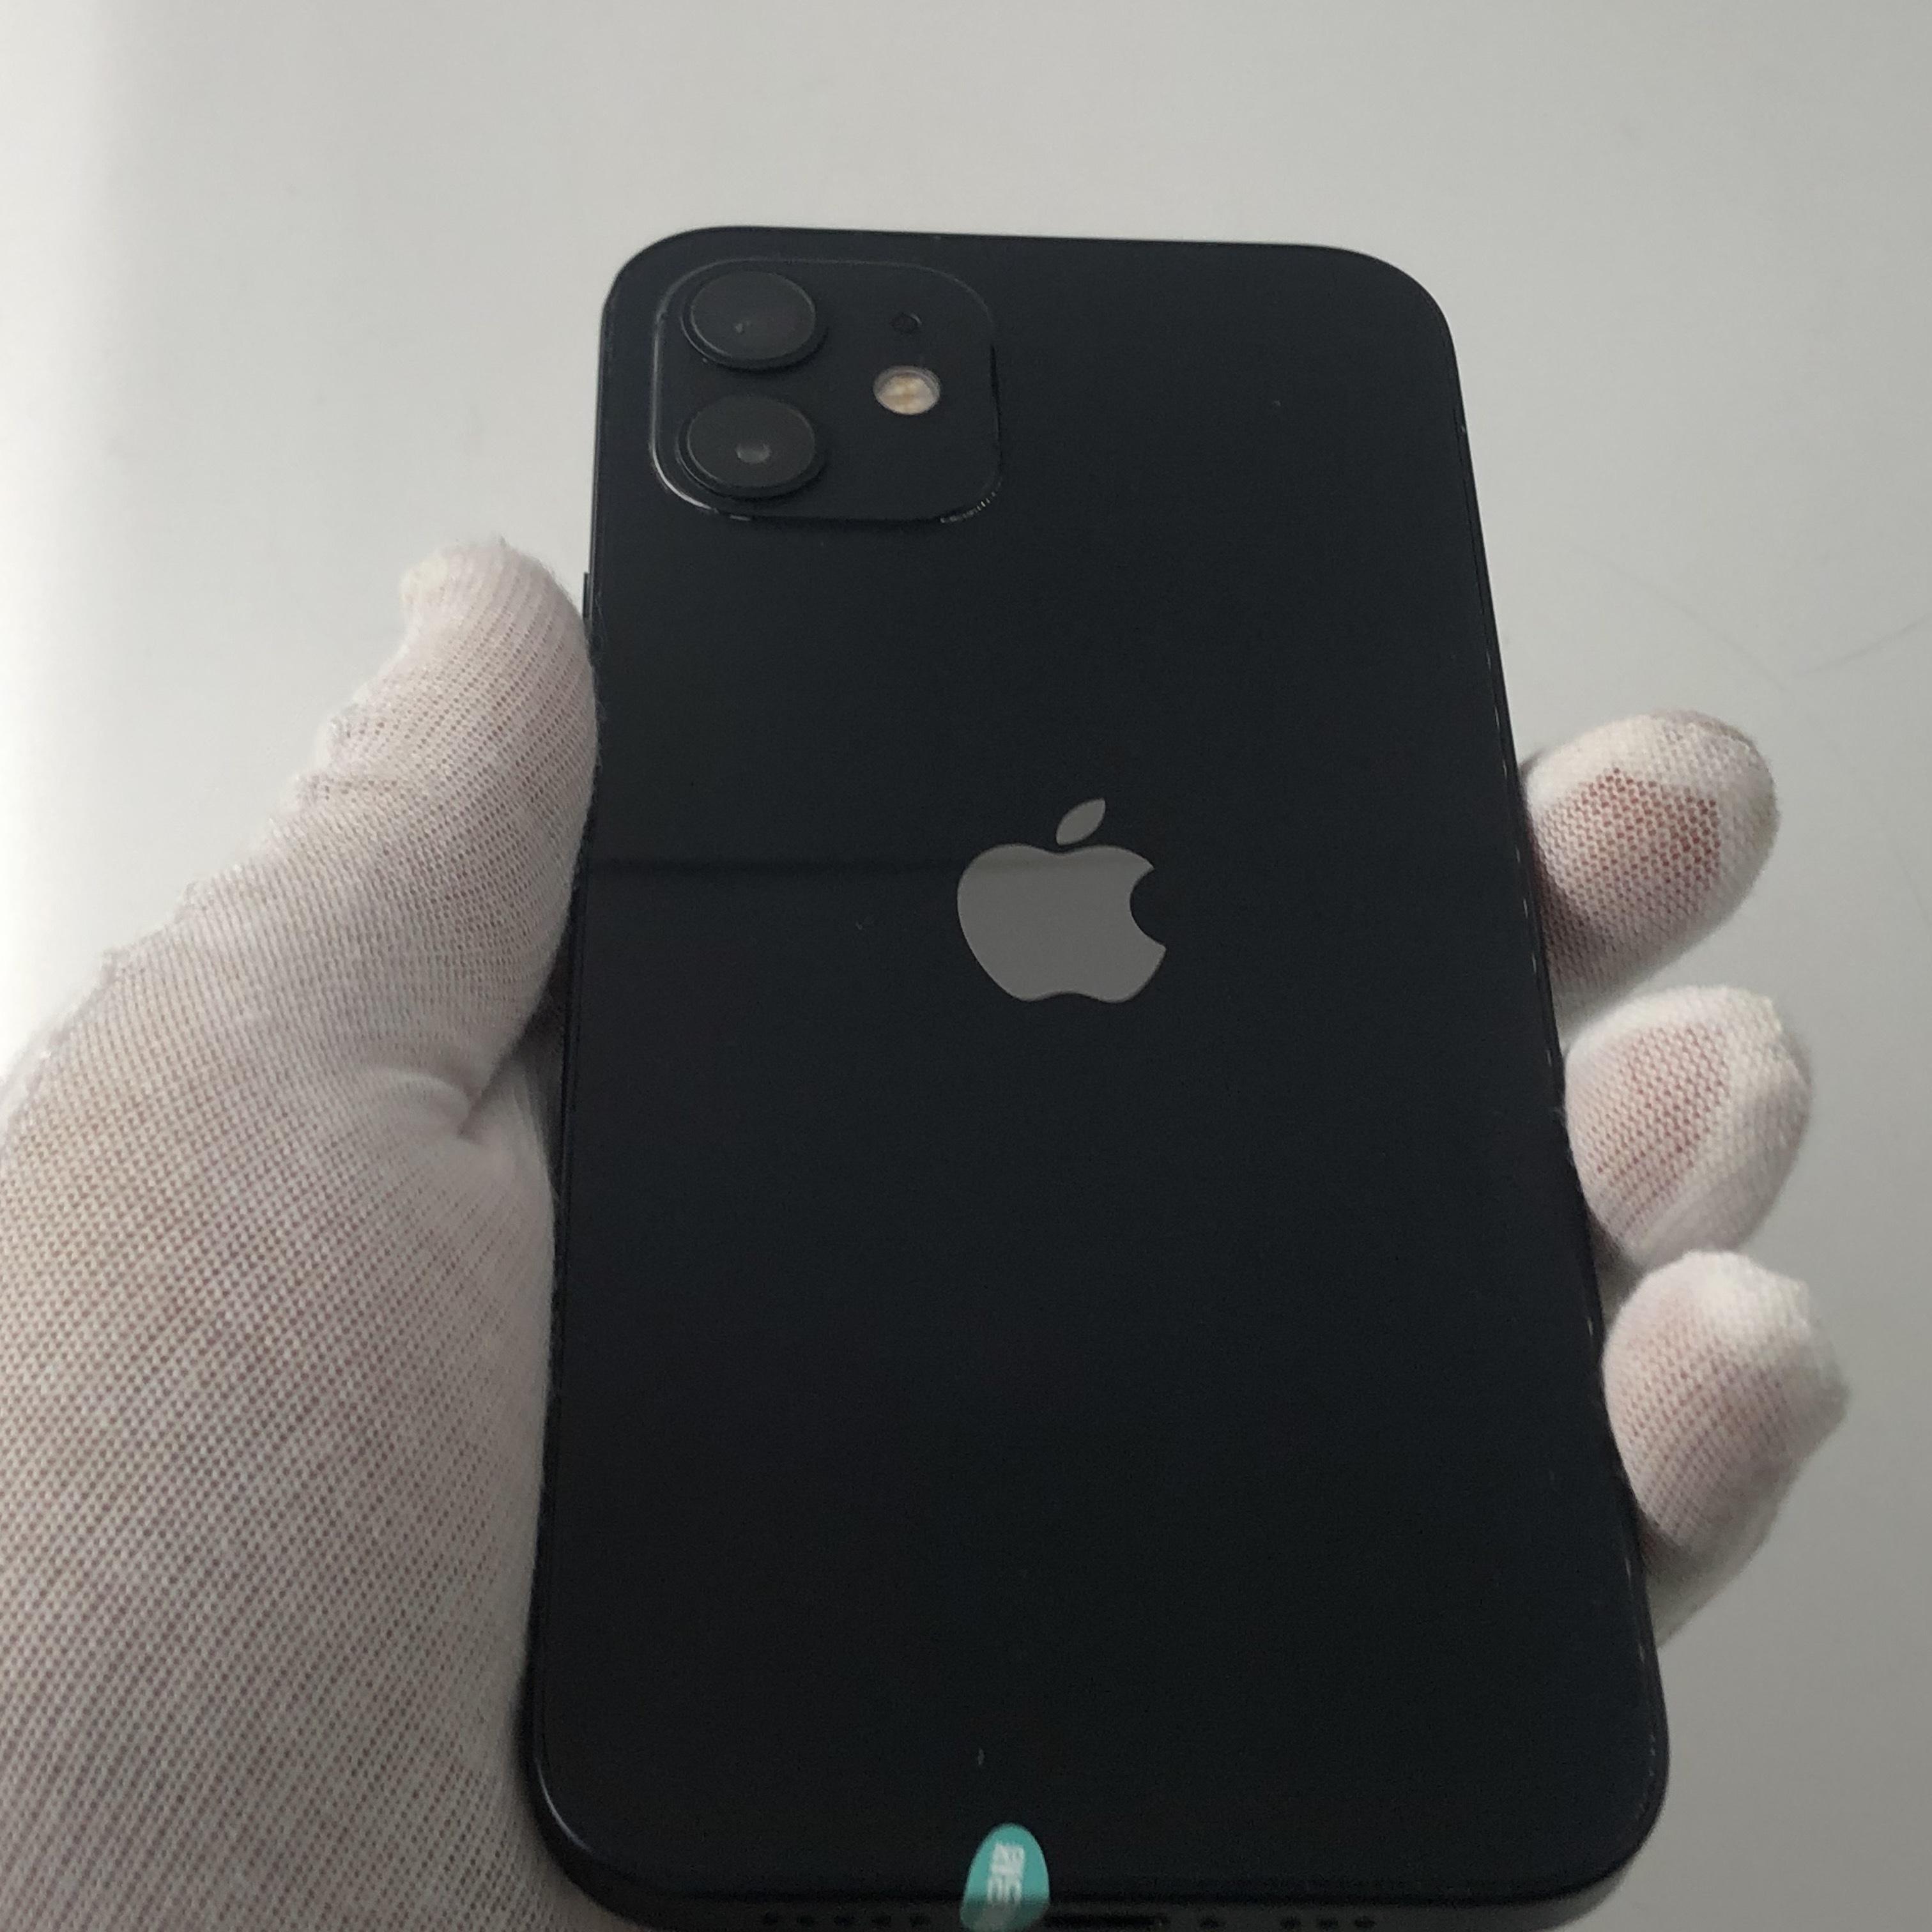 苹果【iPhone 12】5G全网通 黑色 64G 国行 9成新